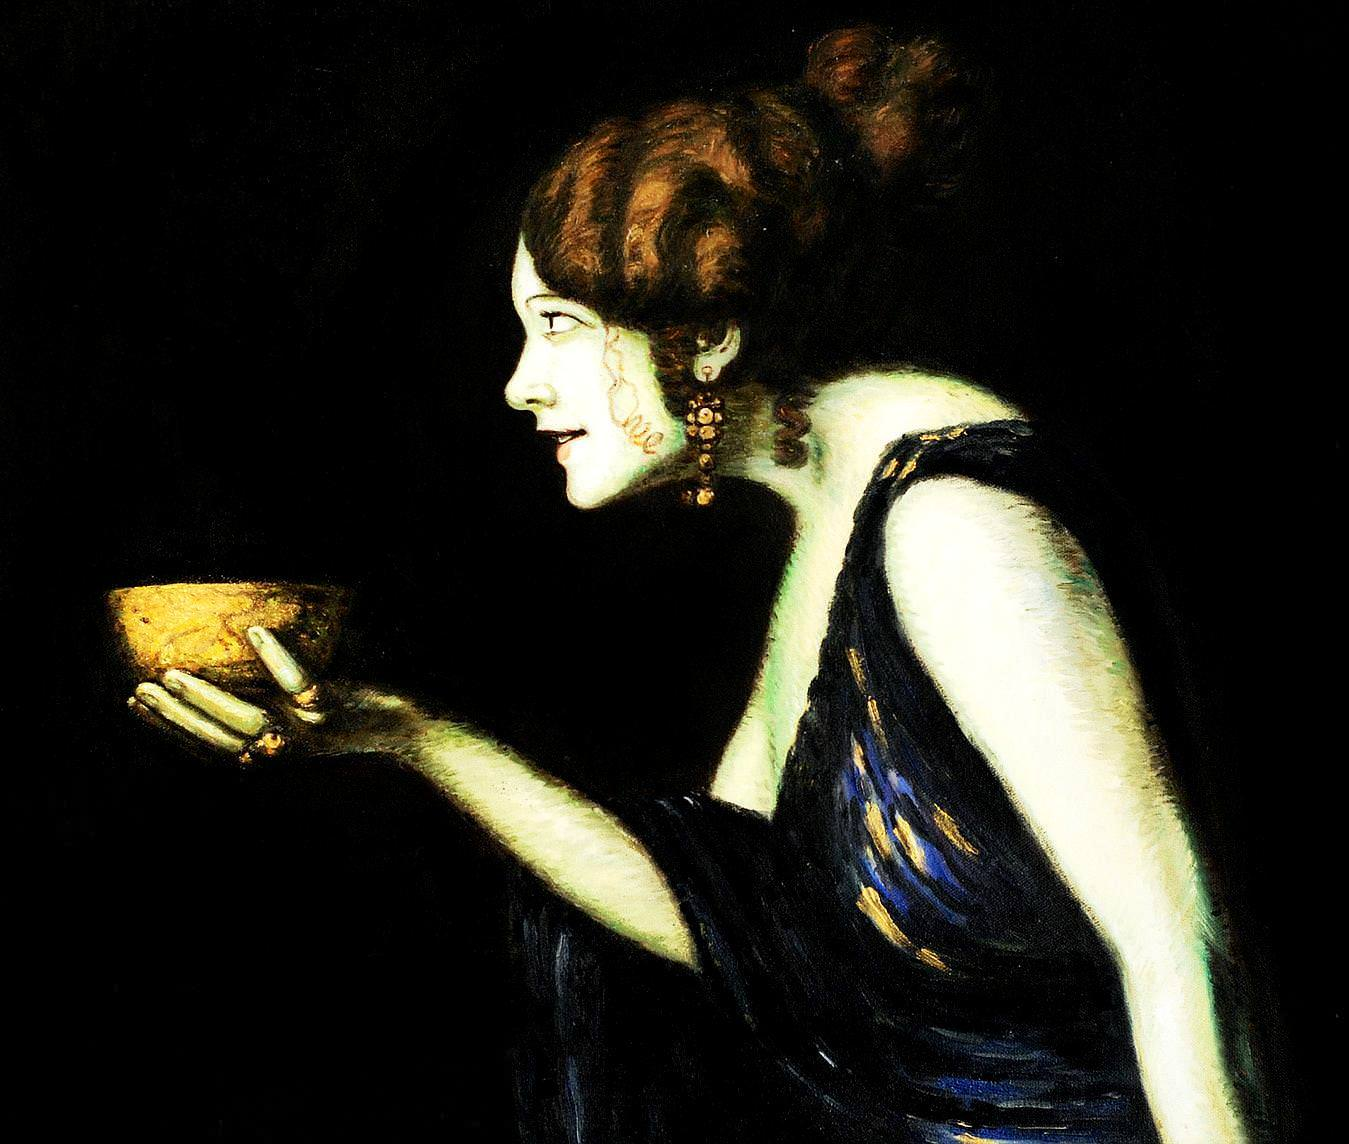 Franz von Stuck - Tilla Durieux als Circe c93605 50x60cm edles Ölgemälde handgemalt Museumsqualität